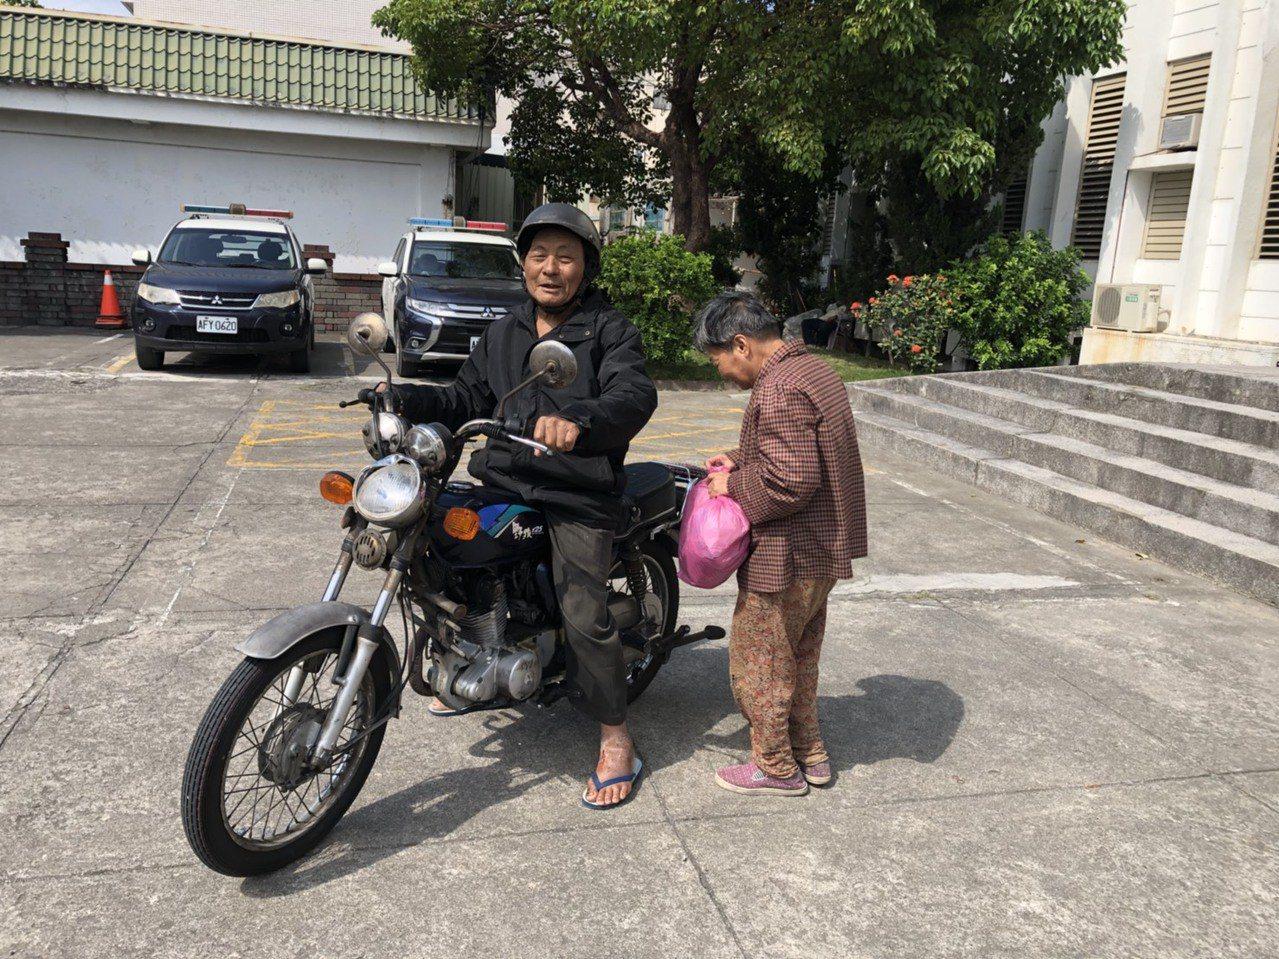 高雄一名70歲陳姓老婦,日前疑迷途走失搭車來到台東大武,老婦先生竟騎著野狼125...